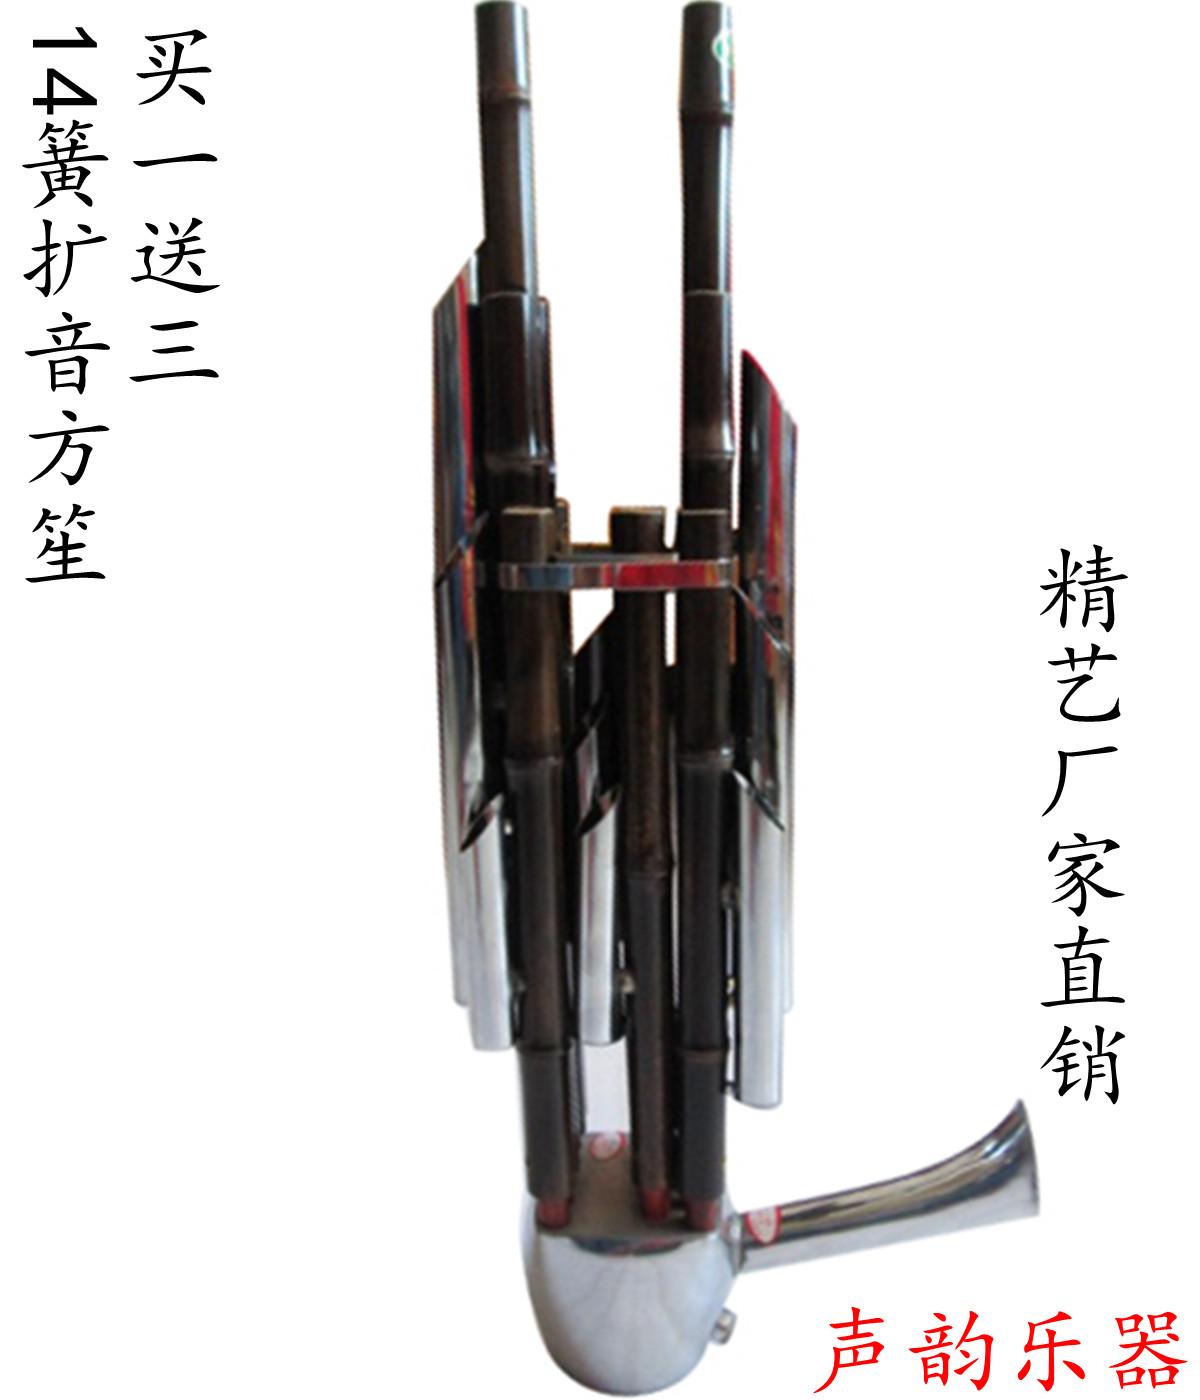 Шэн Шэн музыкальный инструмент 14 Спрингс ПА Шэн Фан Шэн Шэн махагон углу фабрика аутлет отправлены гриб пакеты начиная с CD